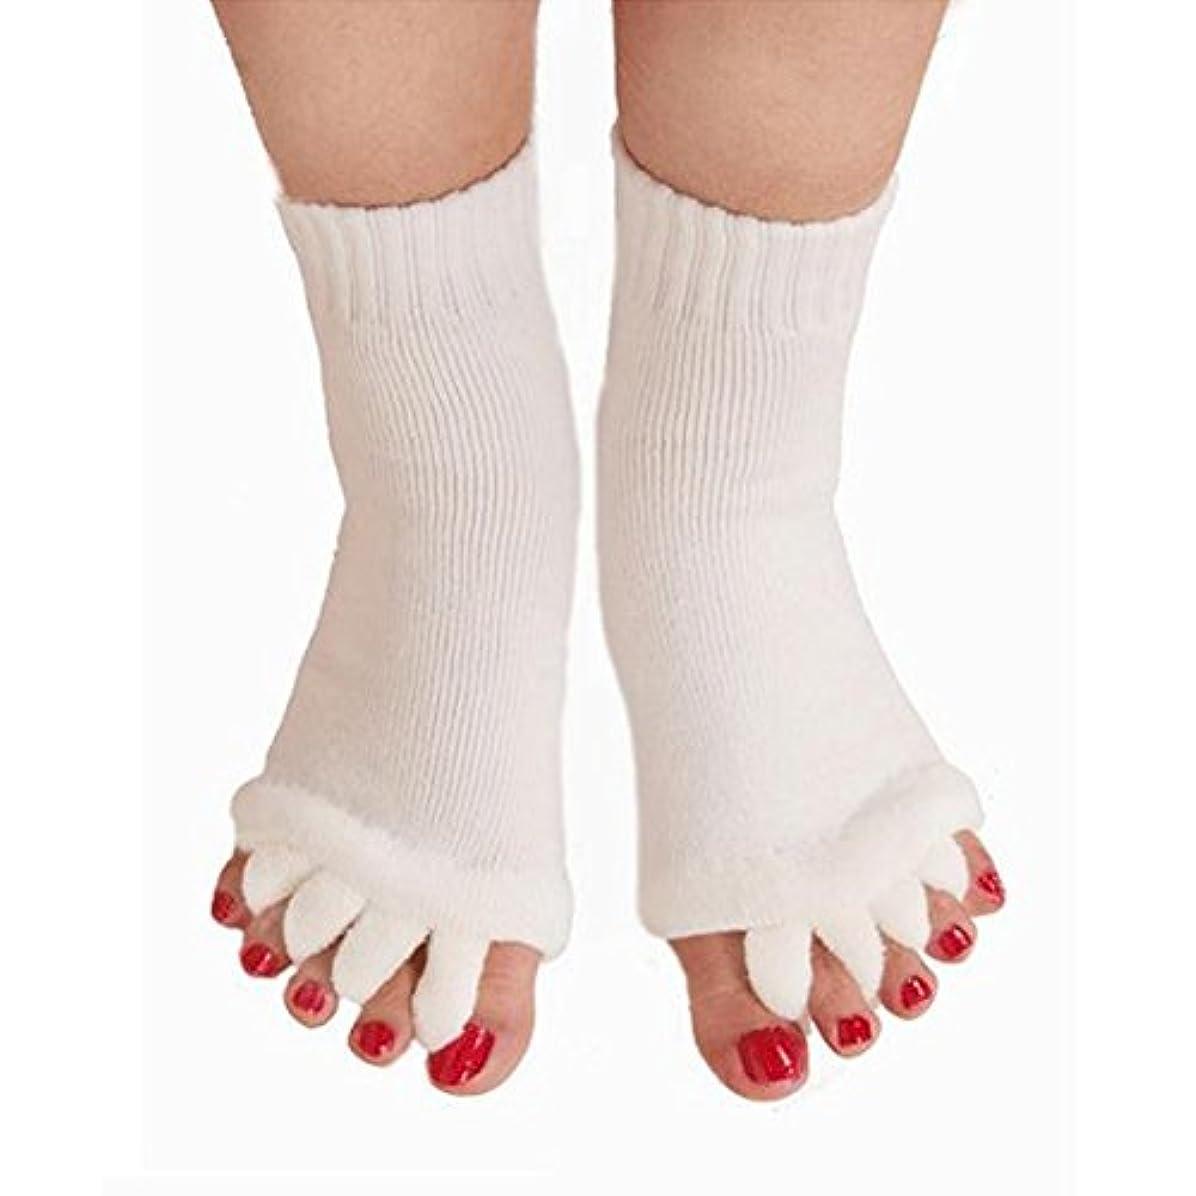 請求可能数字今後5本指 ソックス 靴下 足指全開 スリーピングソックス 足指ケア 痛みを軽減する 外反母趾 偏平足対策 ヨガウェア 美脚 就寝時用 快眠 むくみ解消 ホワイト 1ペア